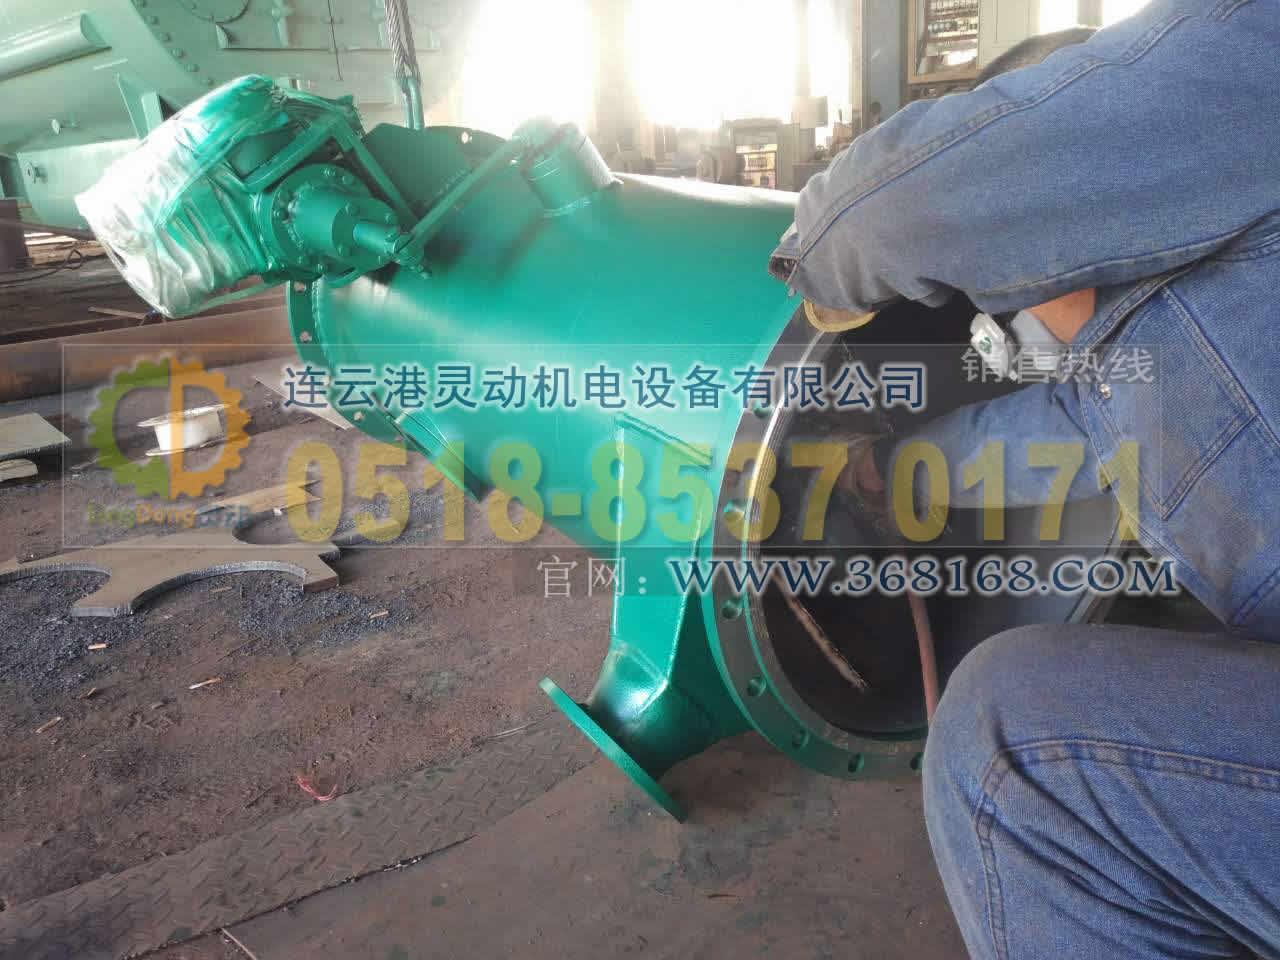 凝汽器胶球清洗装置生产厂家